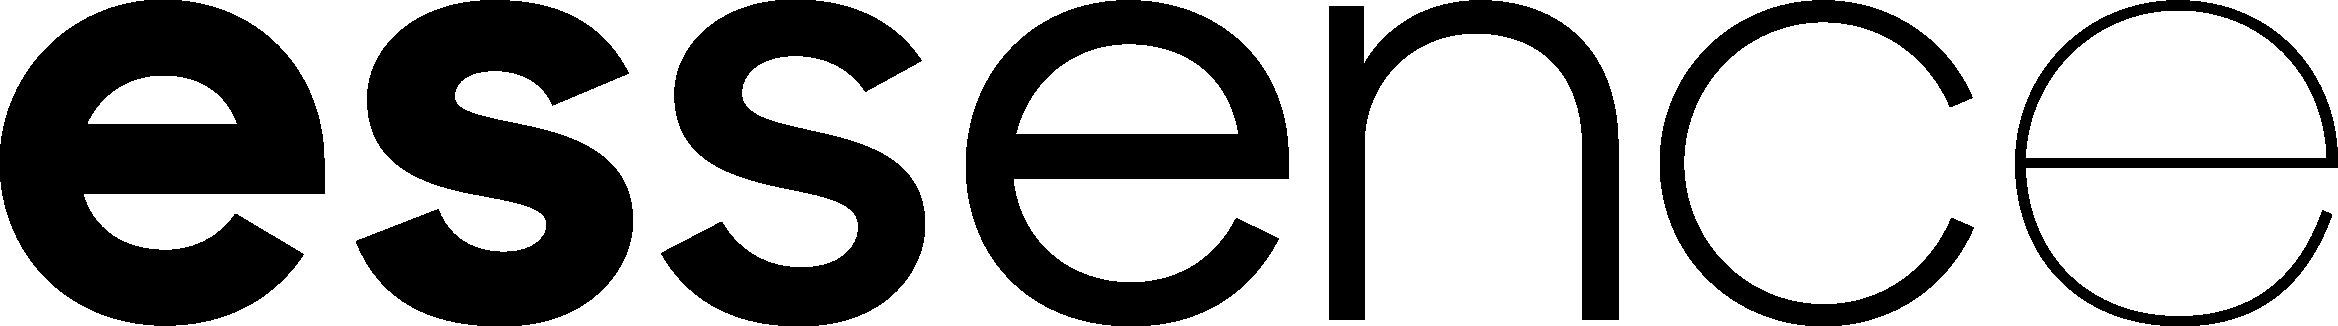 essence-logo-transparent-black.png